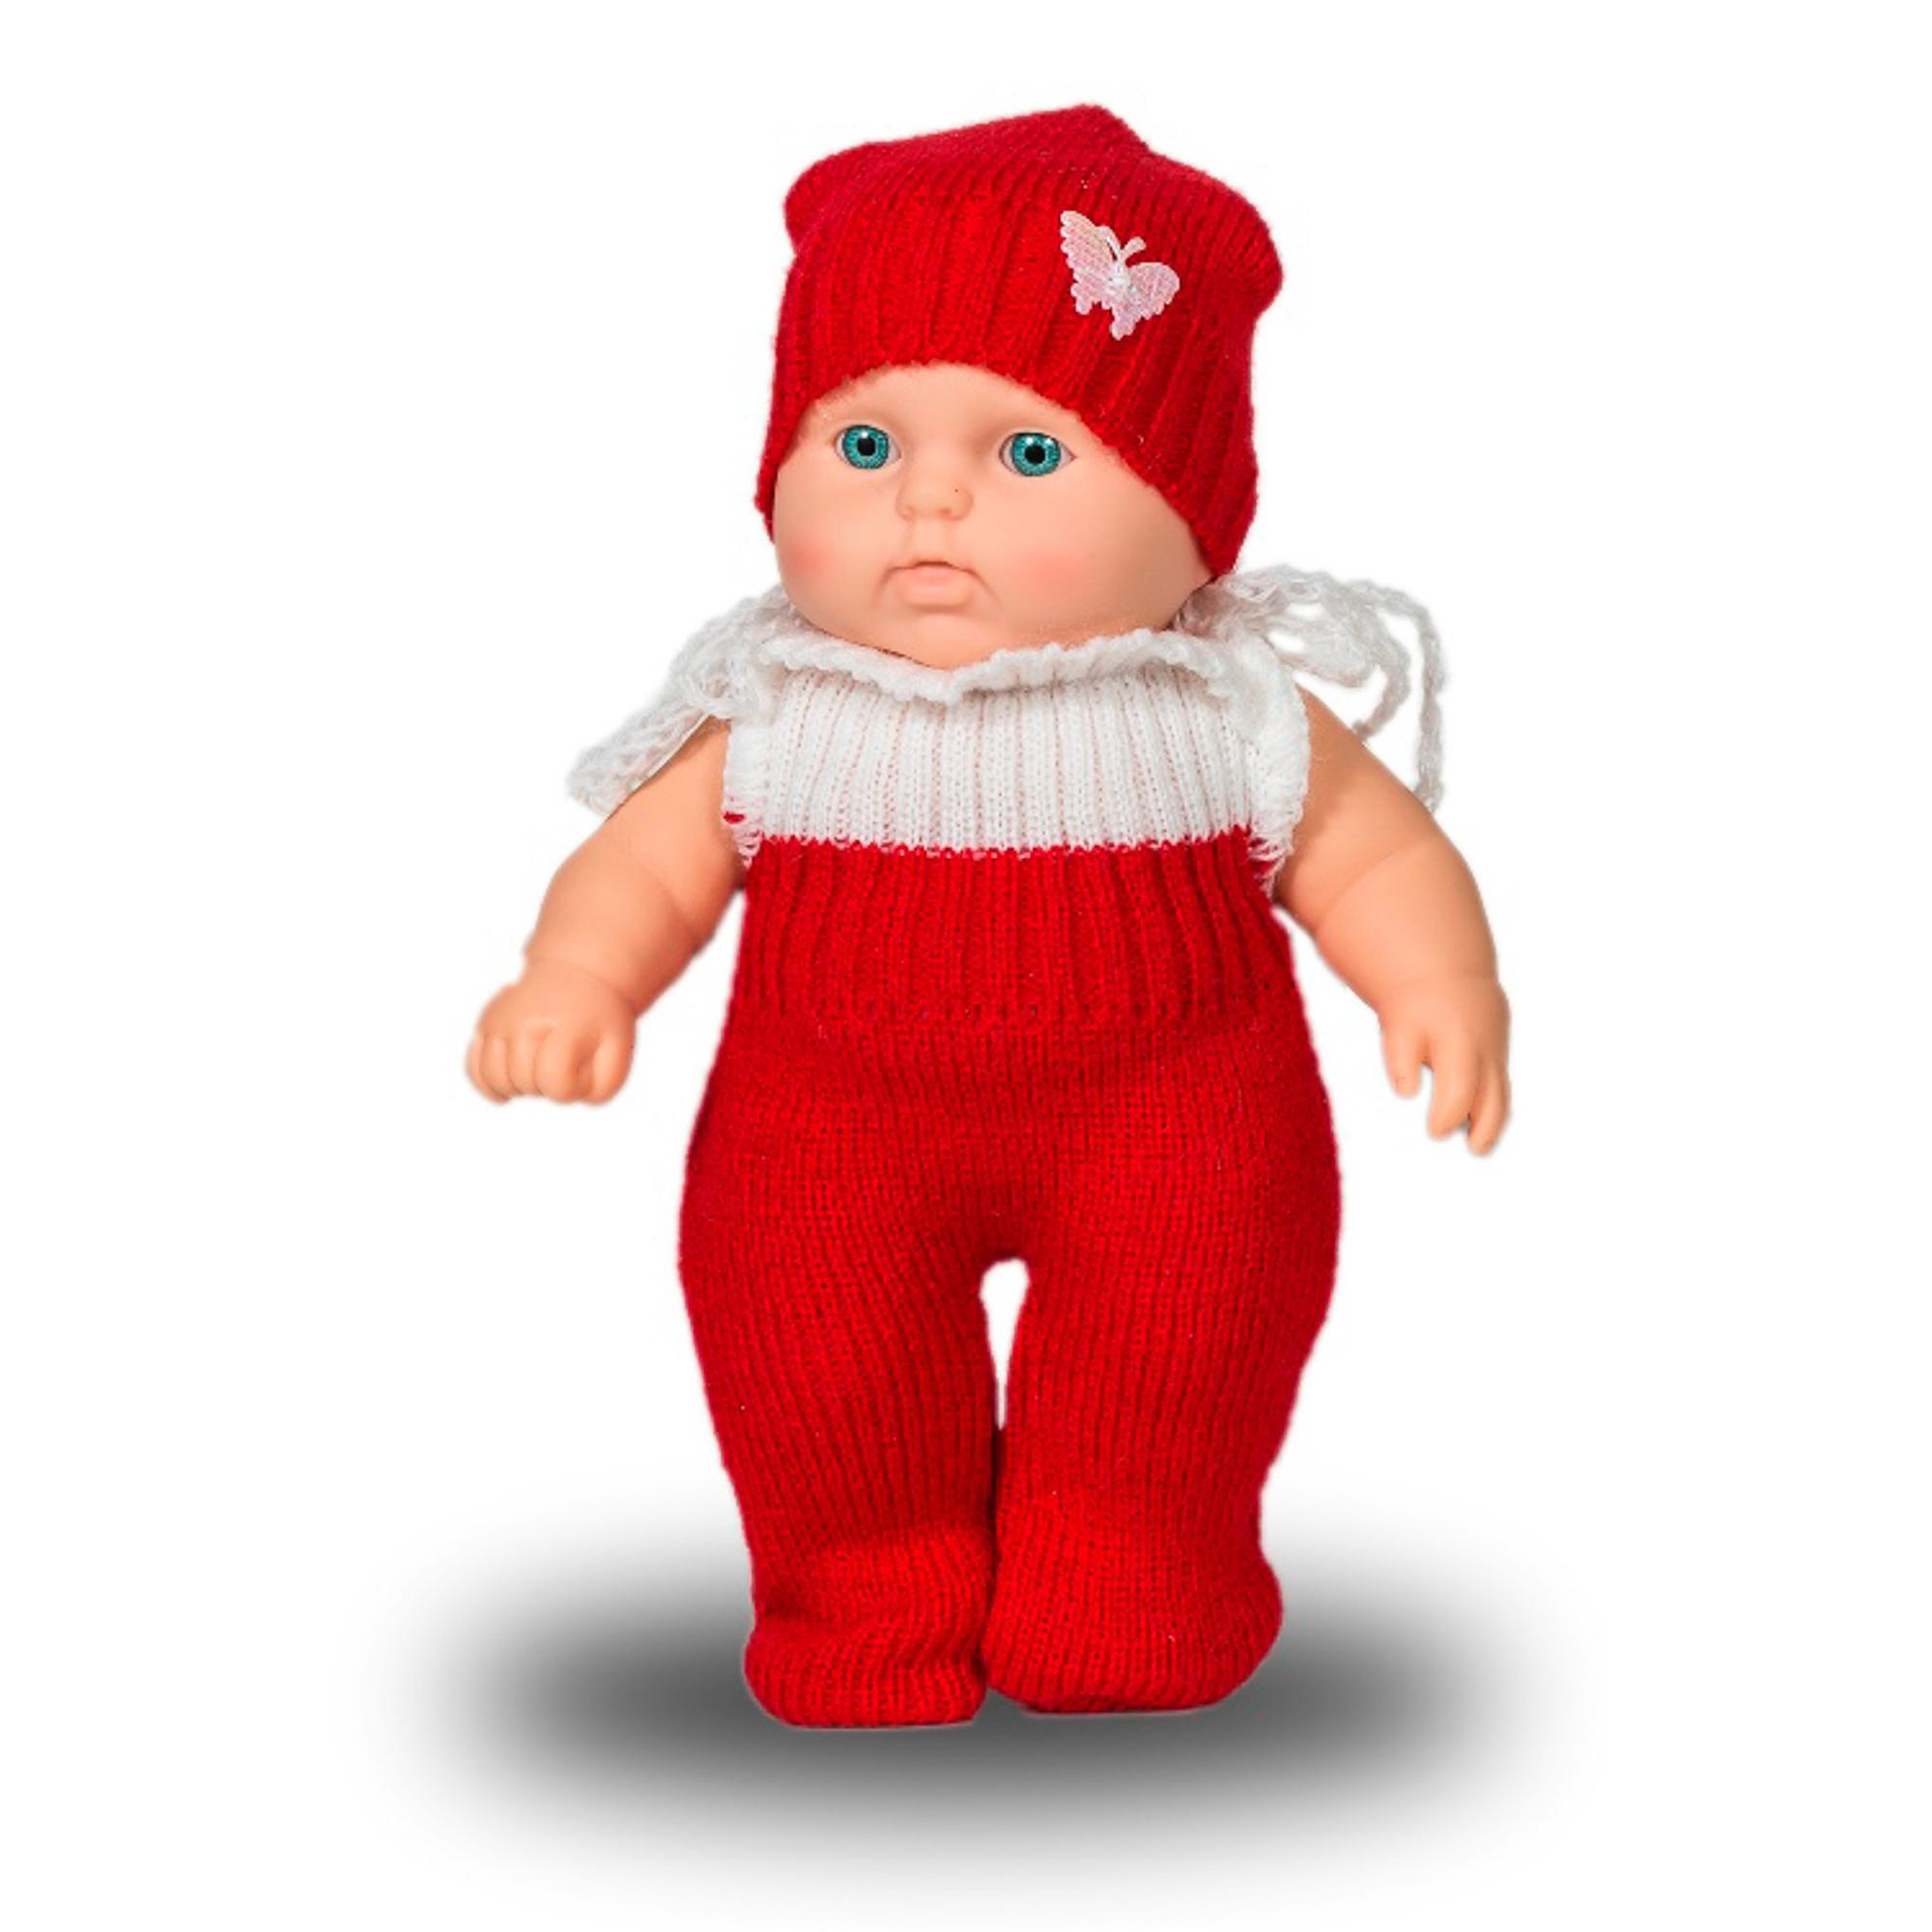 Купить Кукла карапуз 5 девочка Весна, Россия, Куклы и пупсы